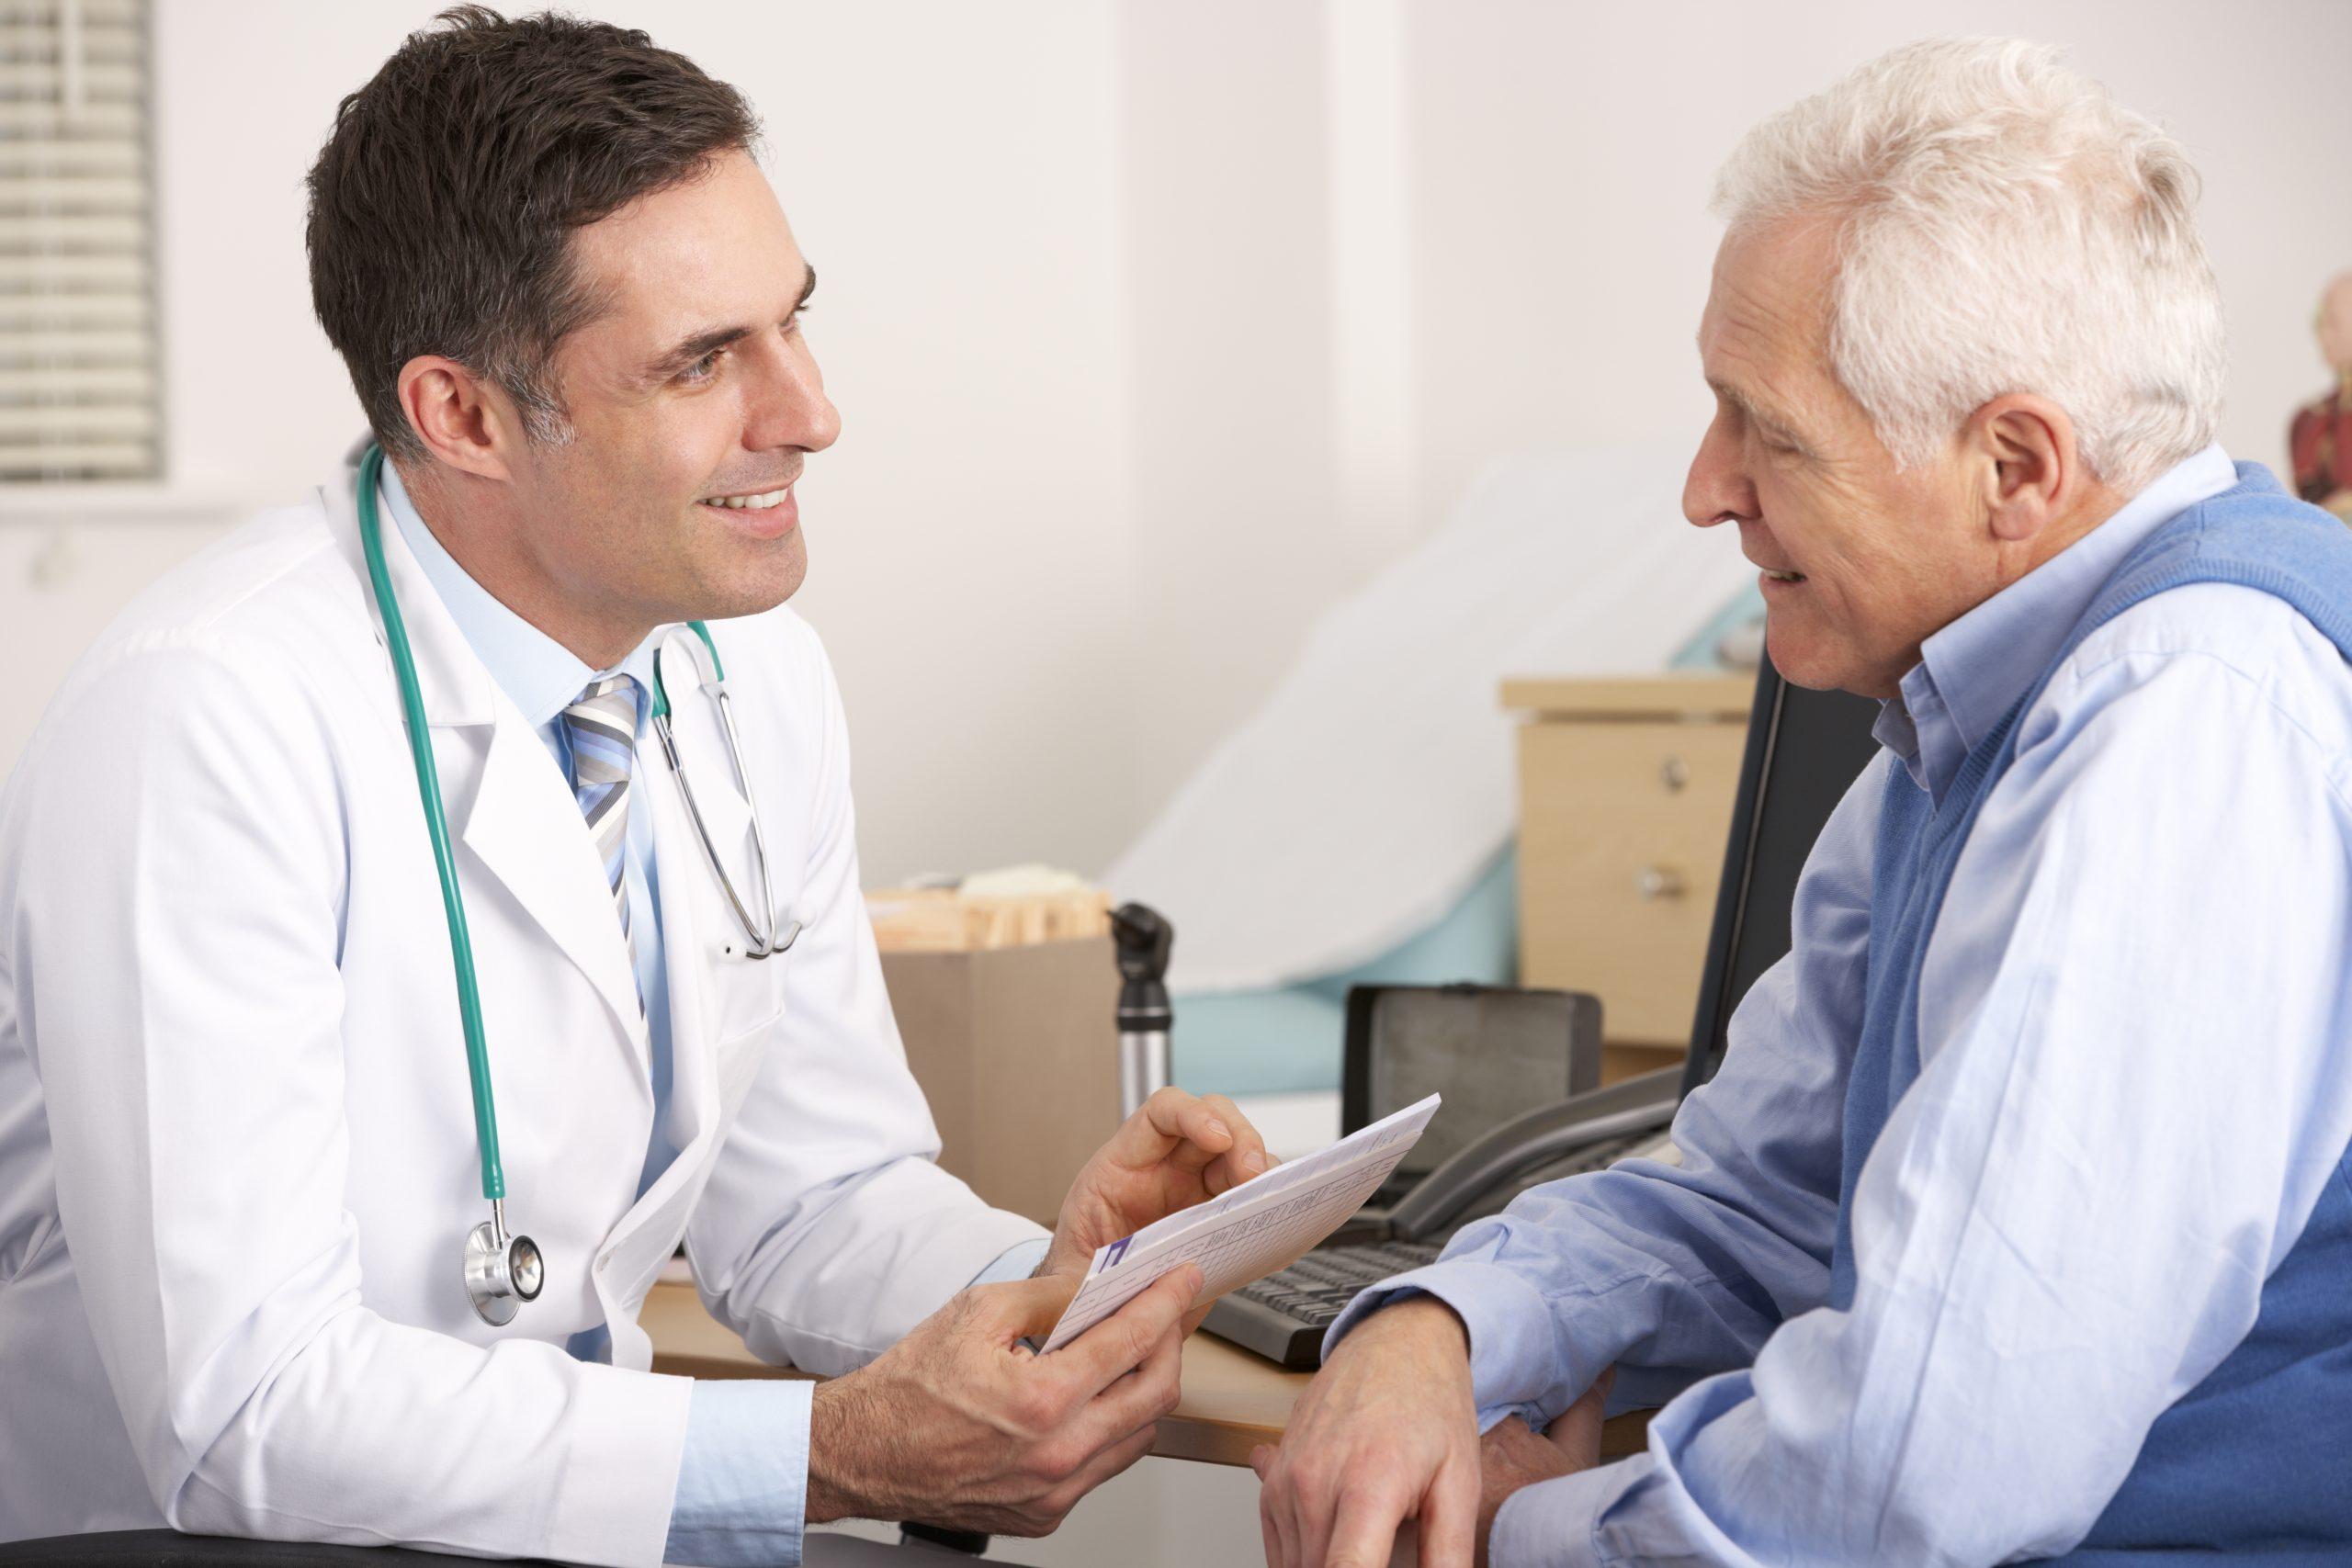 الكبد الدهني - تَدهُّن الكبد - أسباب وأعراض مرض الكبد الدهني